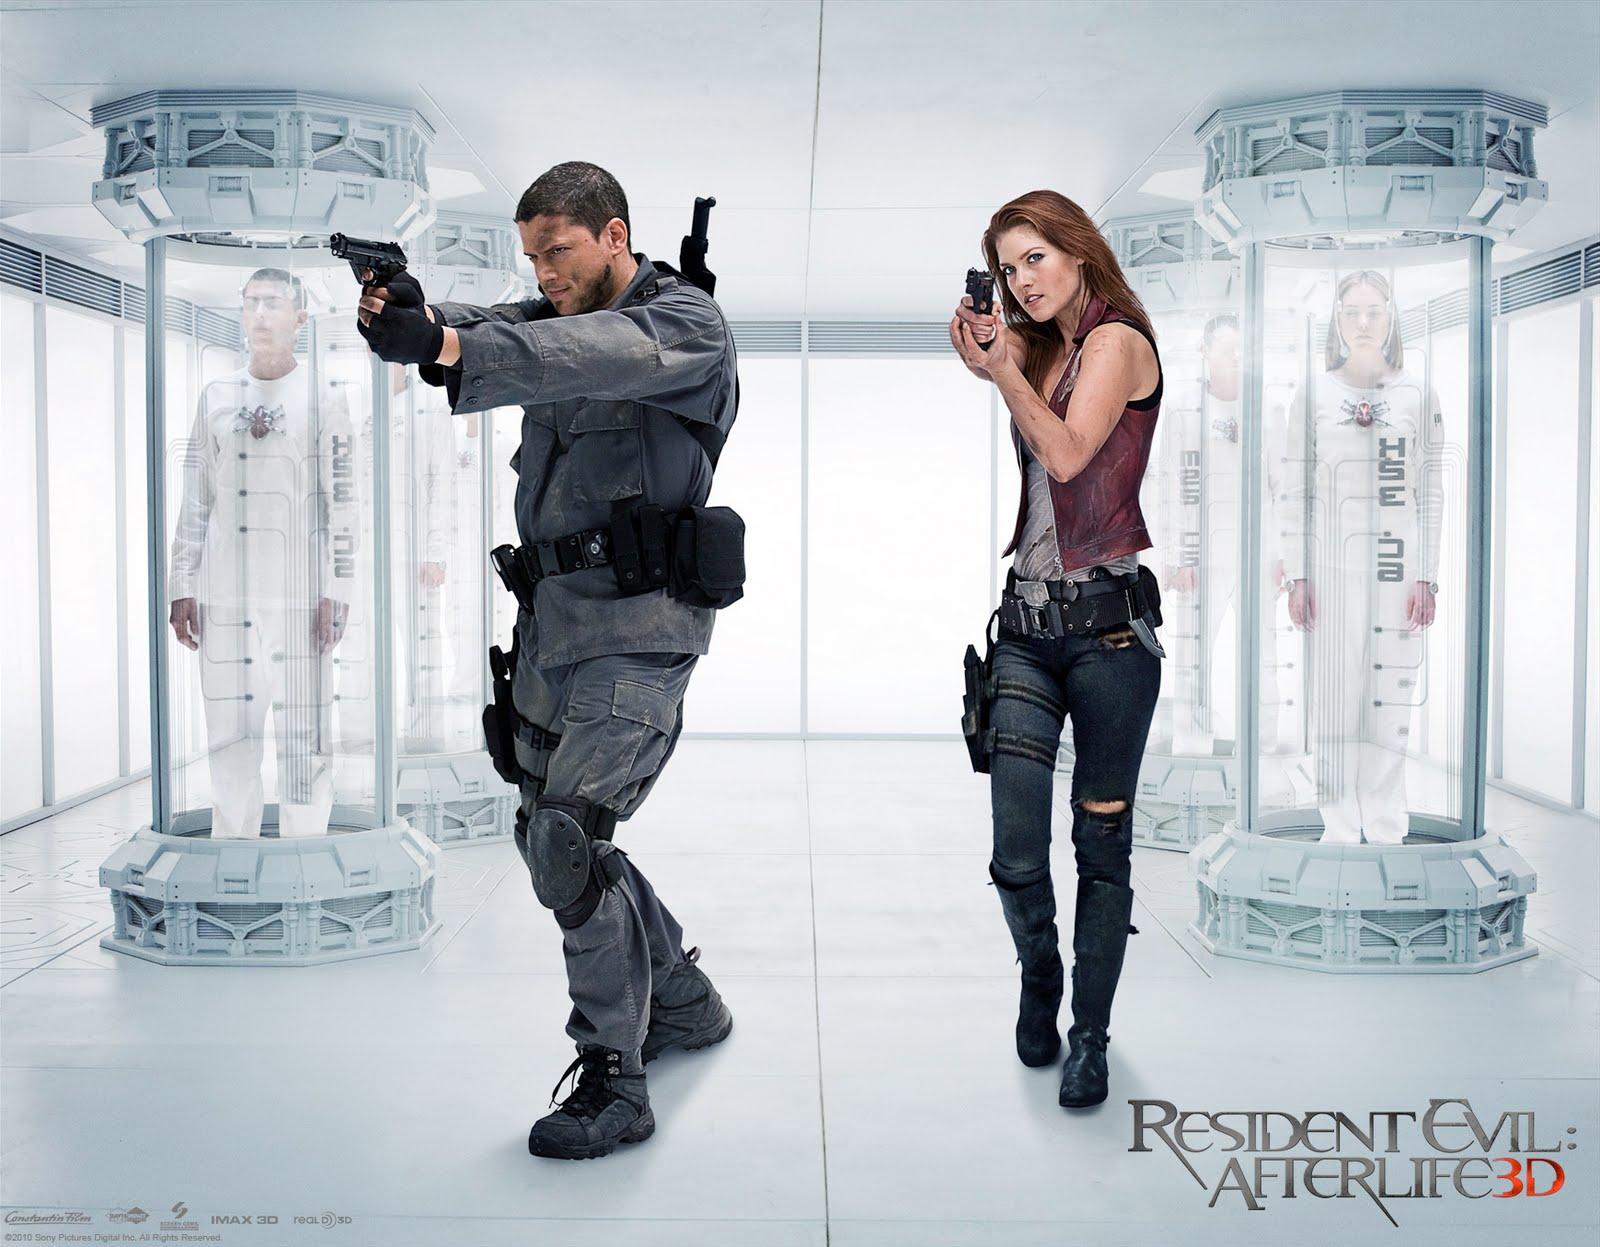 Resident Evil 4 Afterlife : Teaser Trailer